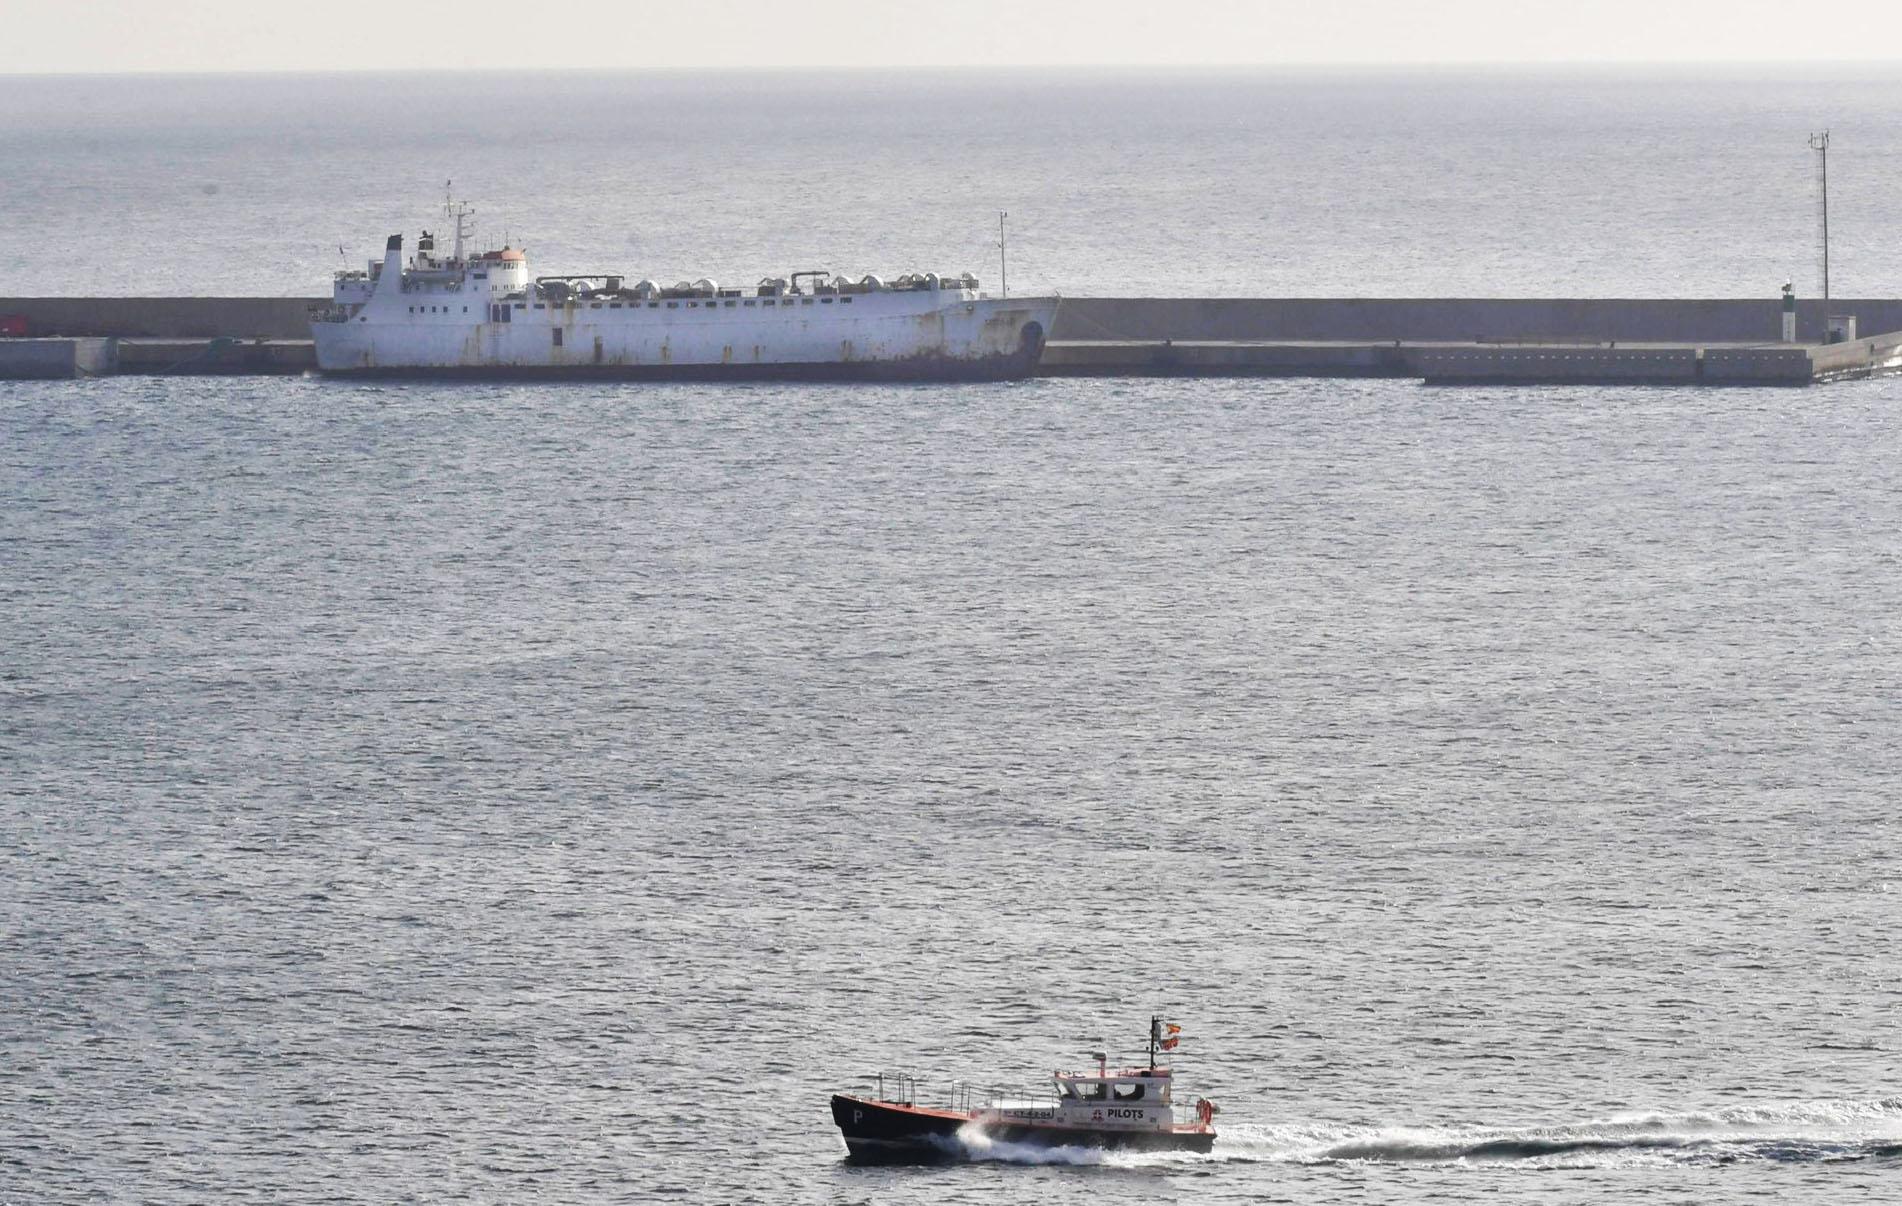 Un barco cargado con 900 vacas que nadie quiere vuelve a Cartagena tras dos meses en el mar